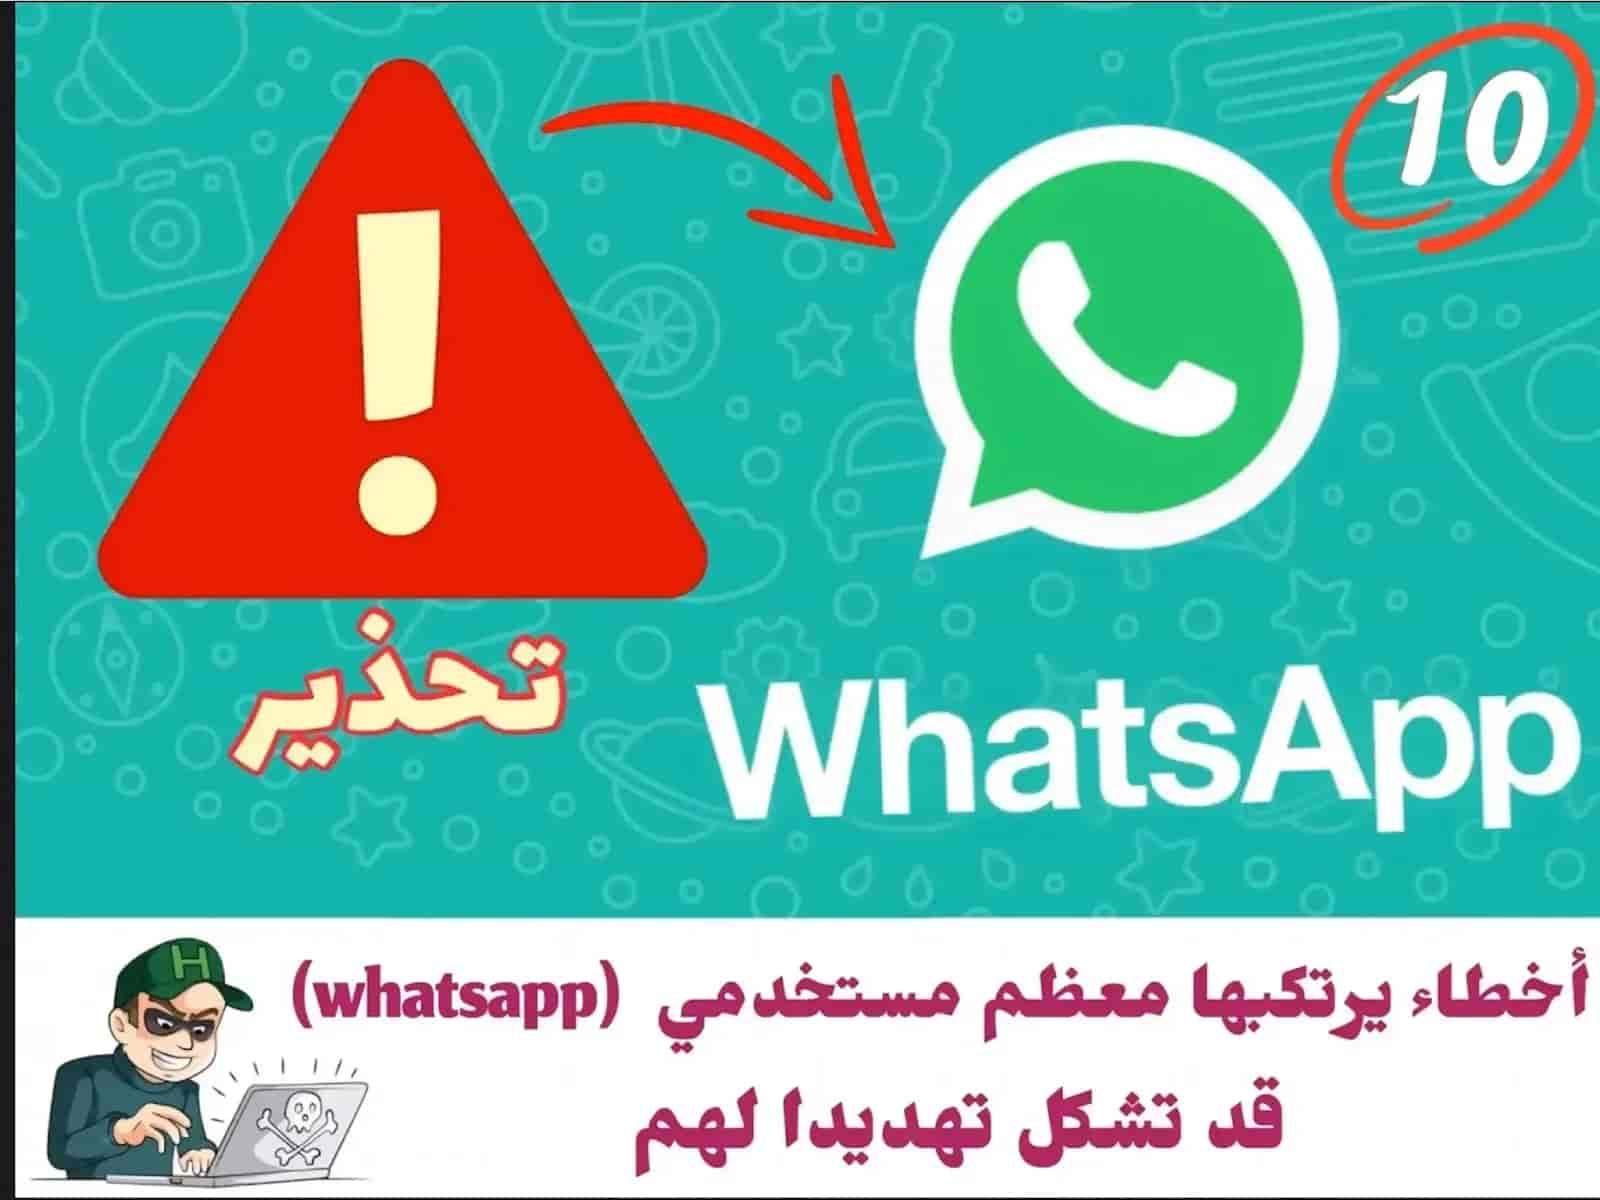 10 أخطاء يرتكبها معظم مستخدمي تطبيق (WhatsApp) :